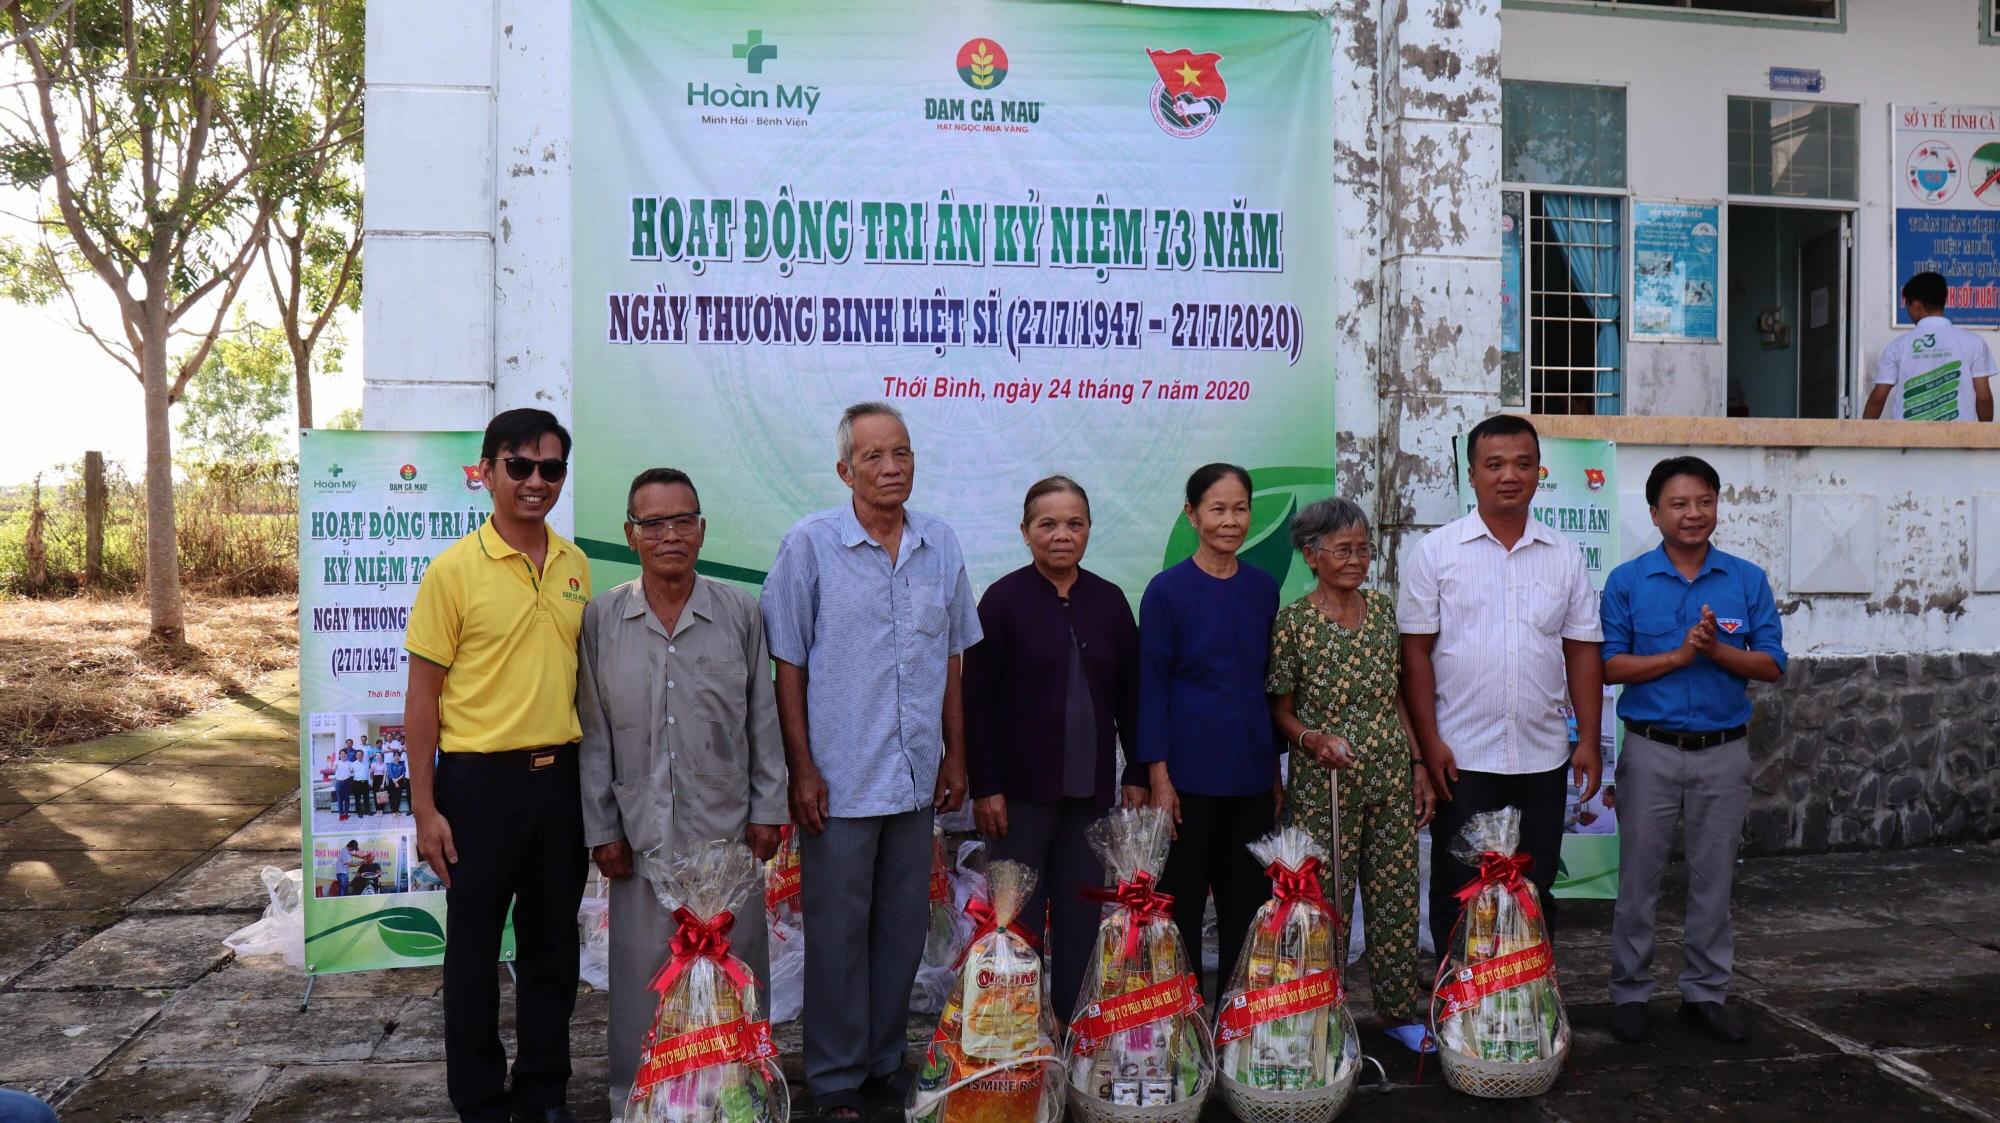 Đạm Cà Mau tổ chức thăm khám bệnh, cấp phát thuốc, hớt tóc, tặng quà cho người dân có hoàn cảnh khó khăn